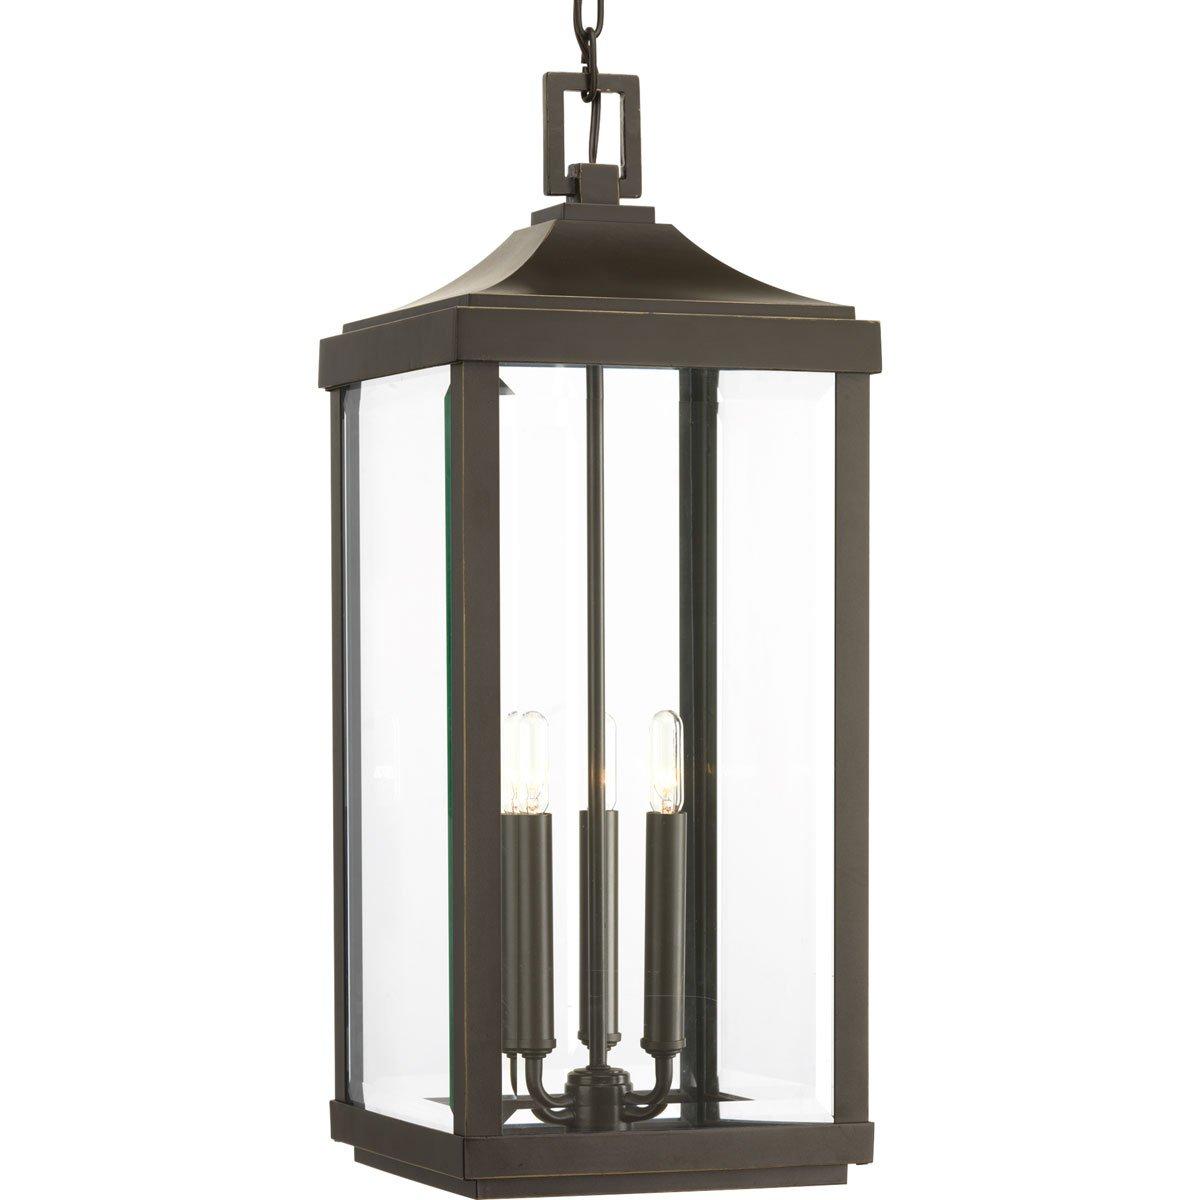 Progress Lighting P550004-020 Gibbes Street Three-Light Hanging Lantern, Brushed Nickel